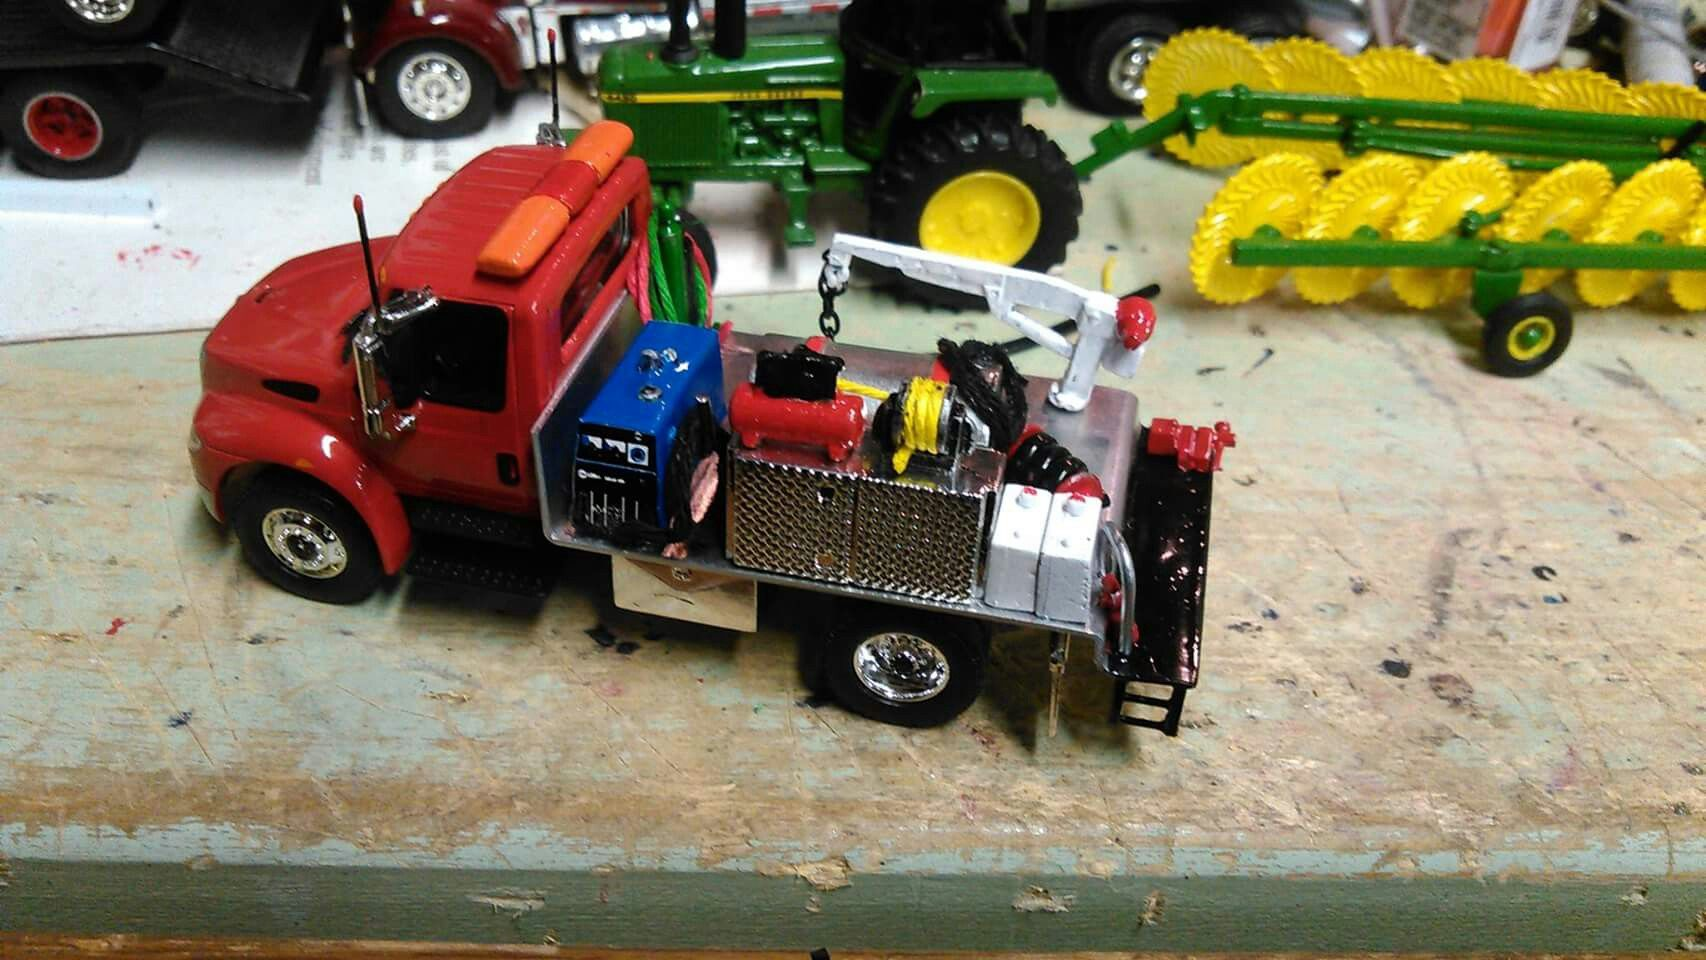 4x4 car toys  Sweet   scale trucks  Pinterest